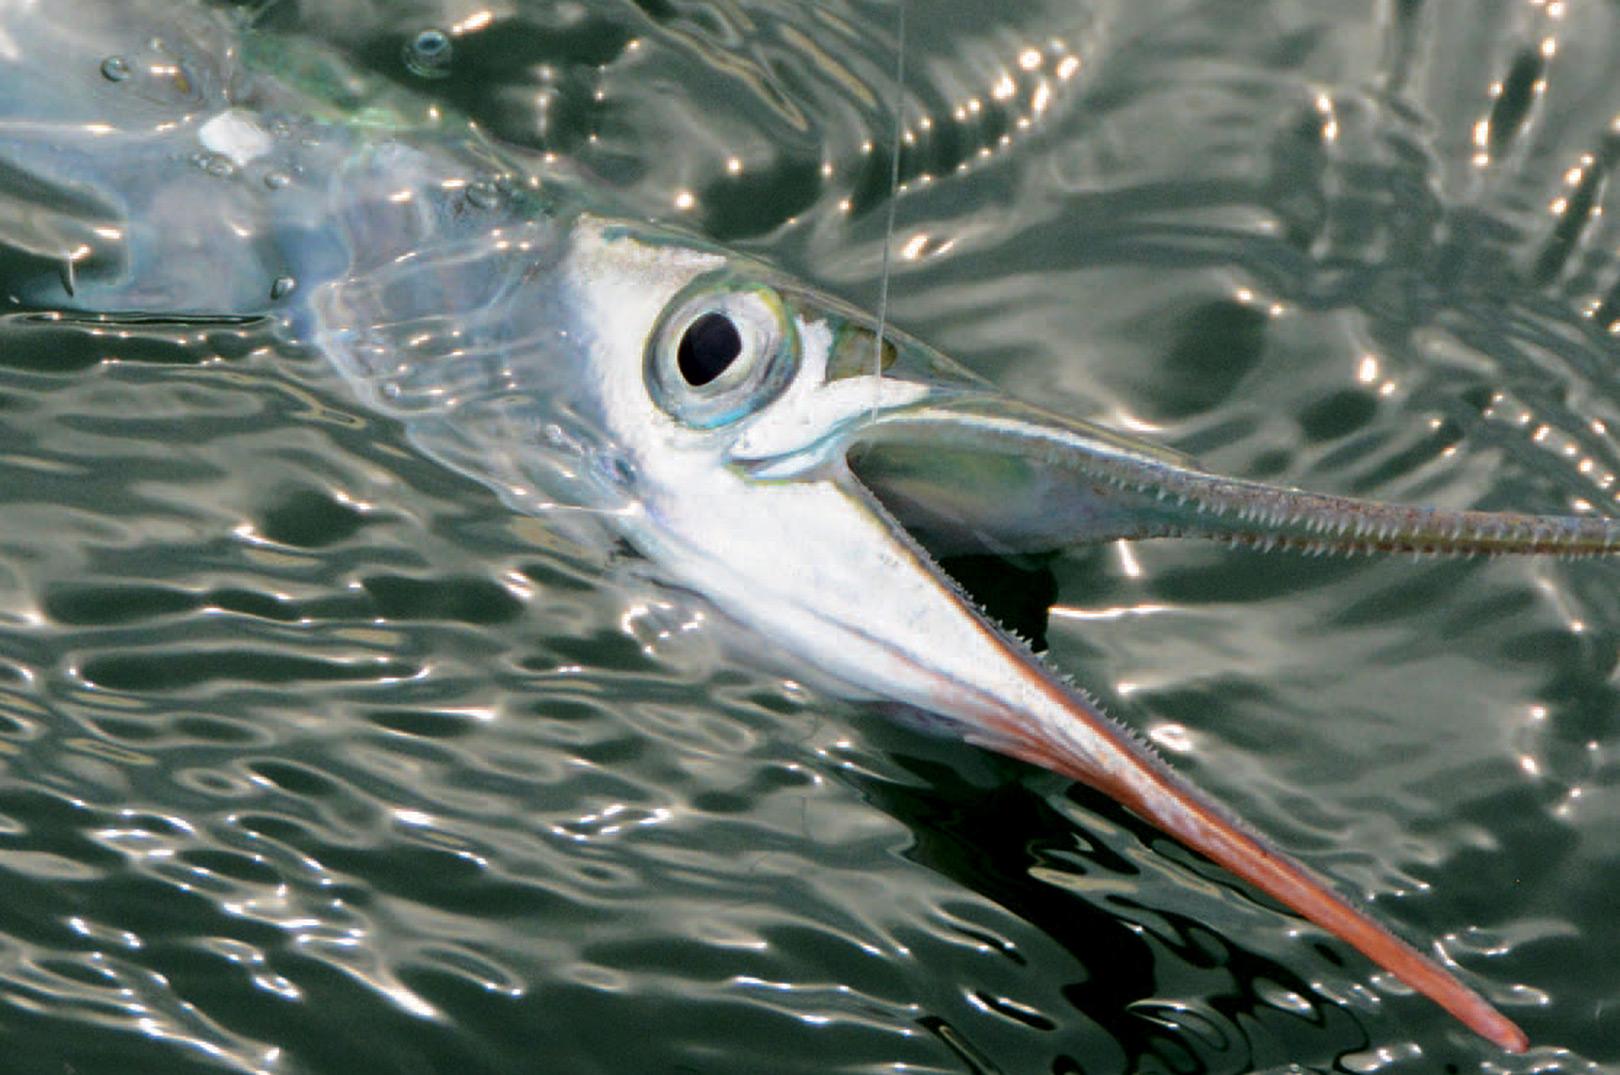 Hornfisken har mange sylespidser tænder på en benhårdt næb, hvor det er svært at kroge fisken. Her er silketråden helt optimal, da den filtrer sig godt ind mellem tænderne, så den ikke så let ryger af blinket.